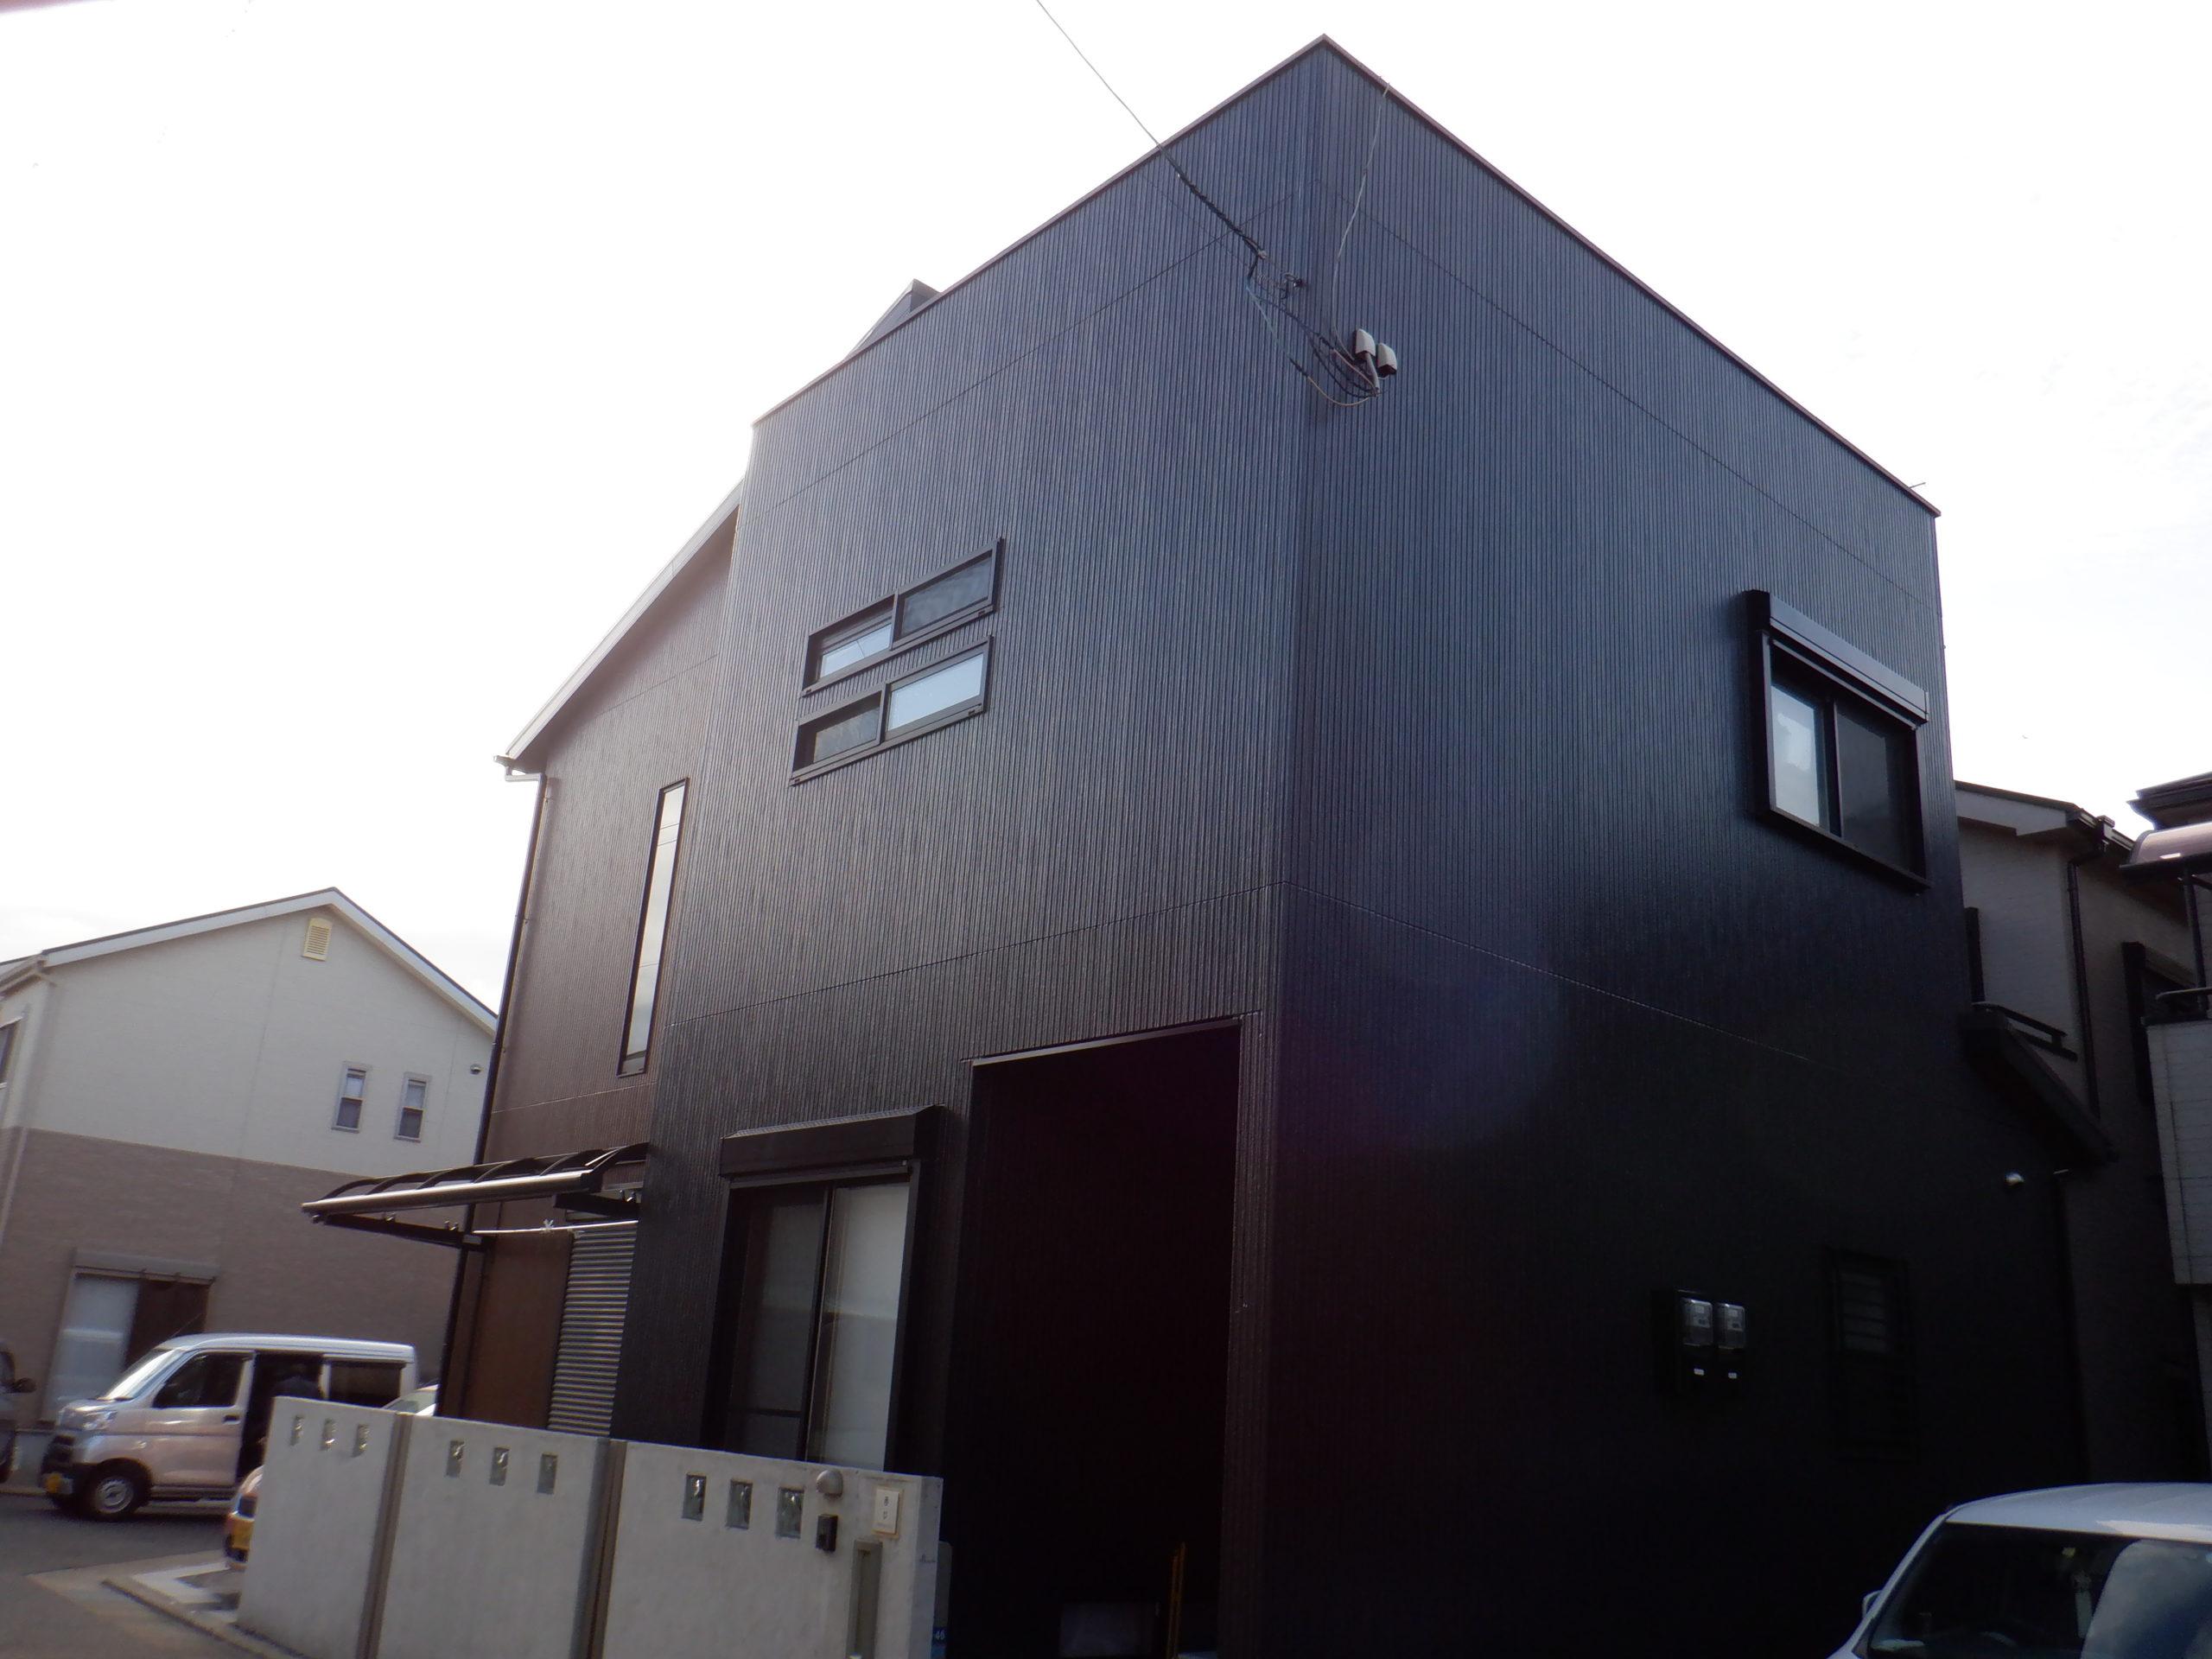 和泉市・泉大津市の外壁塗装・屋根塗装専門店ロードリバース2720